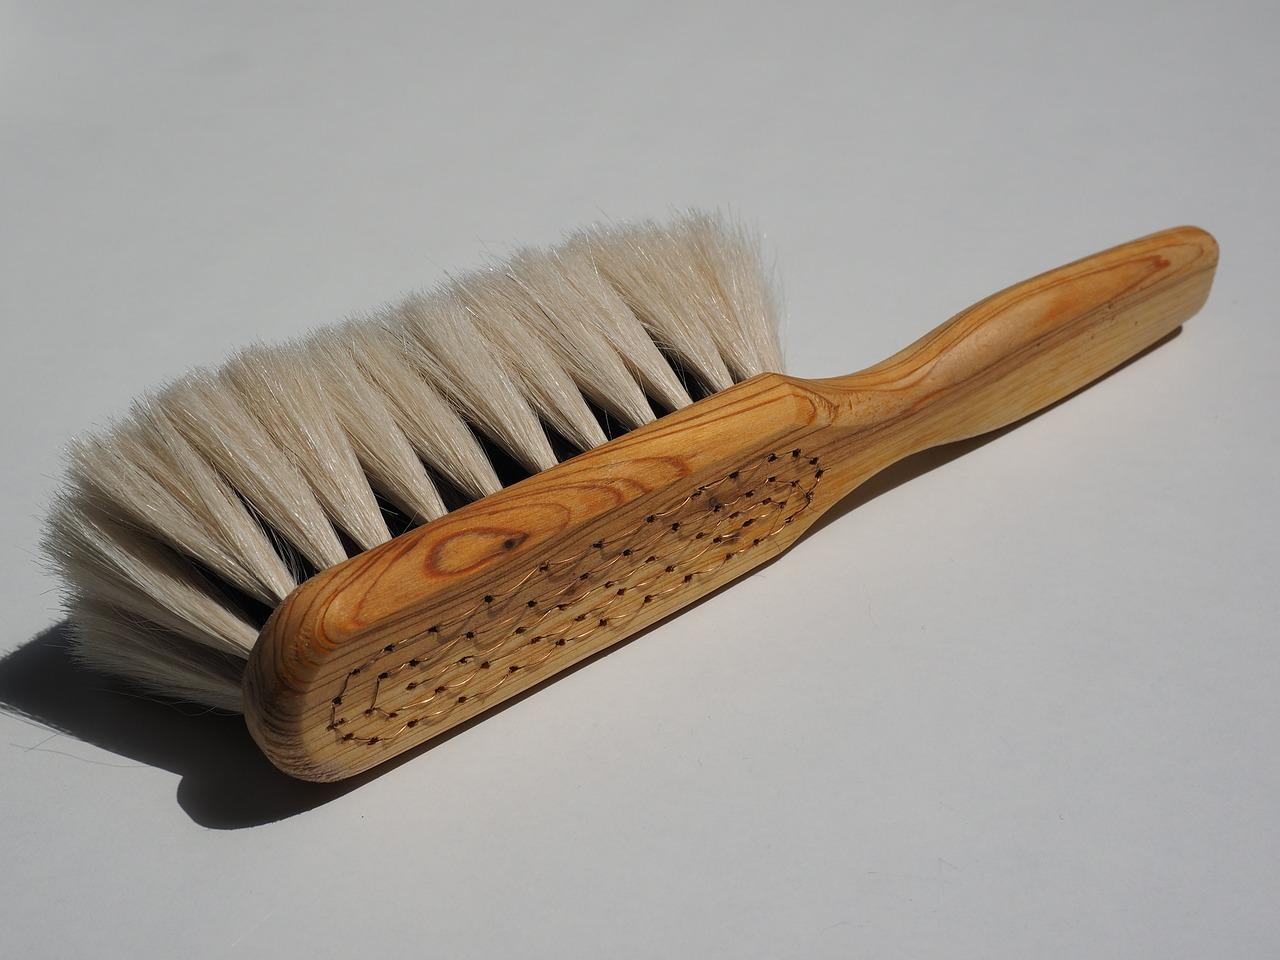 Cepillo facial y cepillo corporal